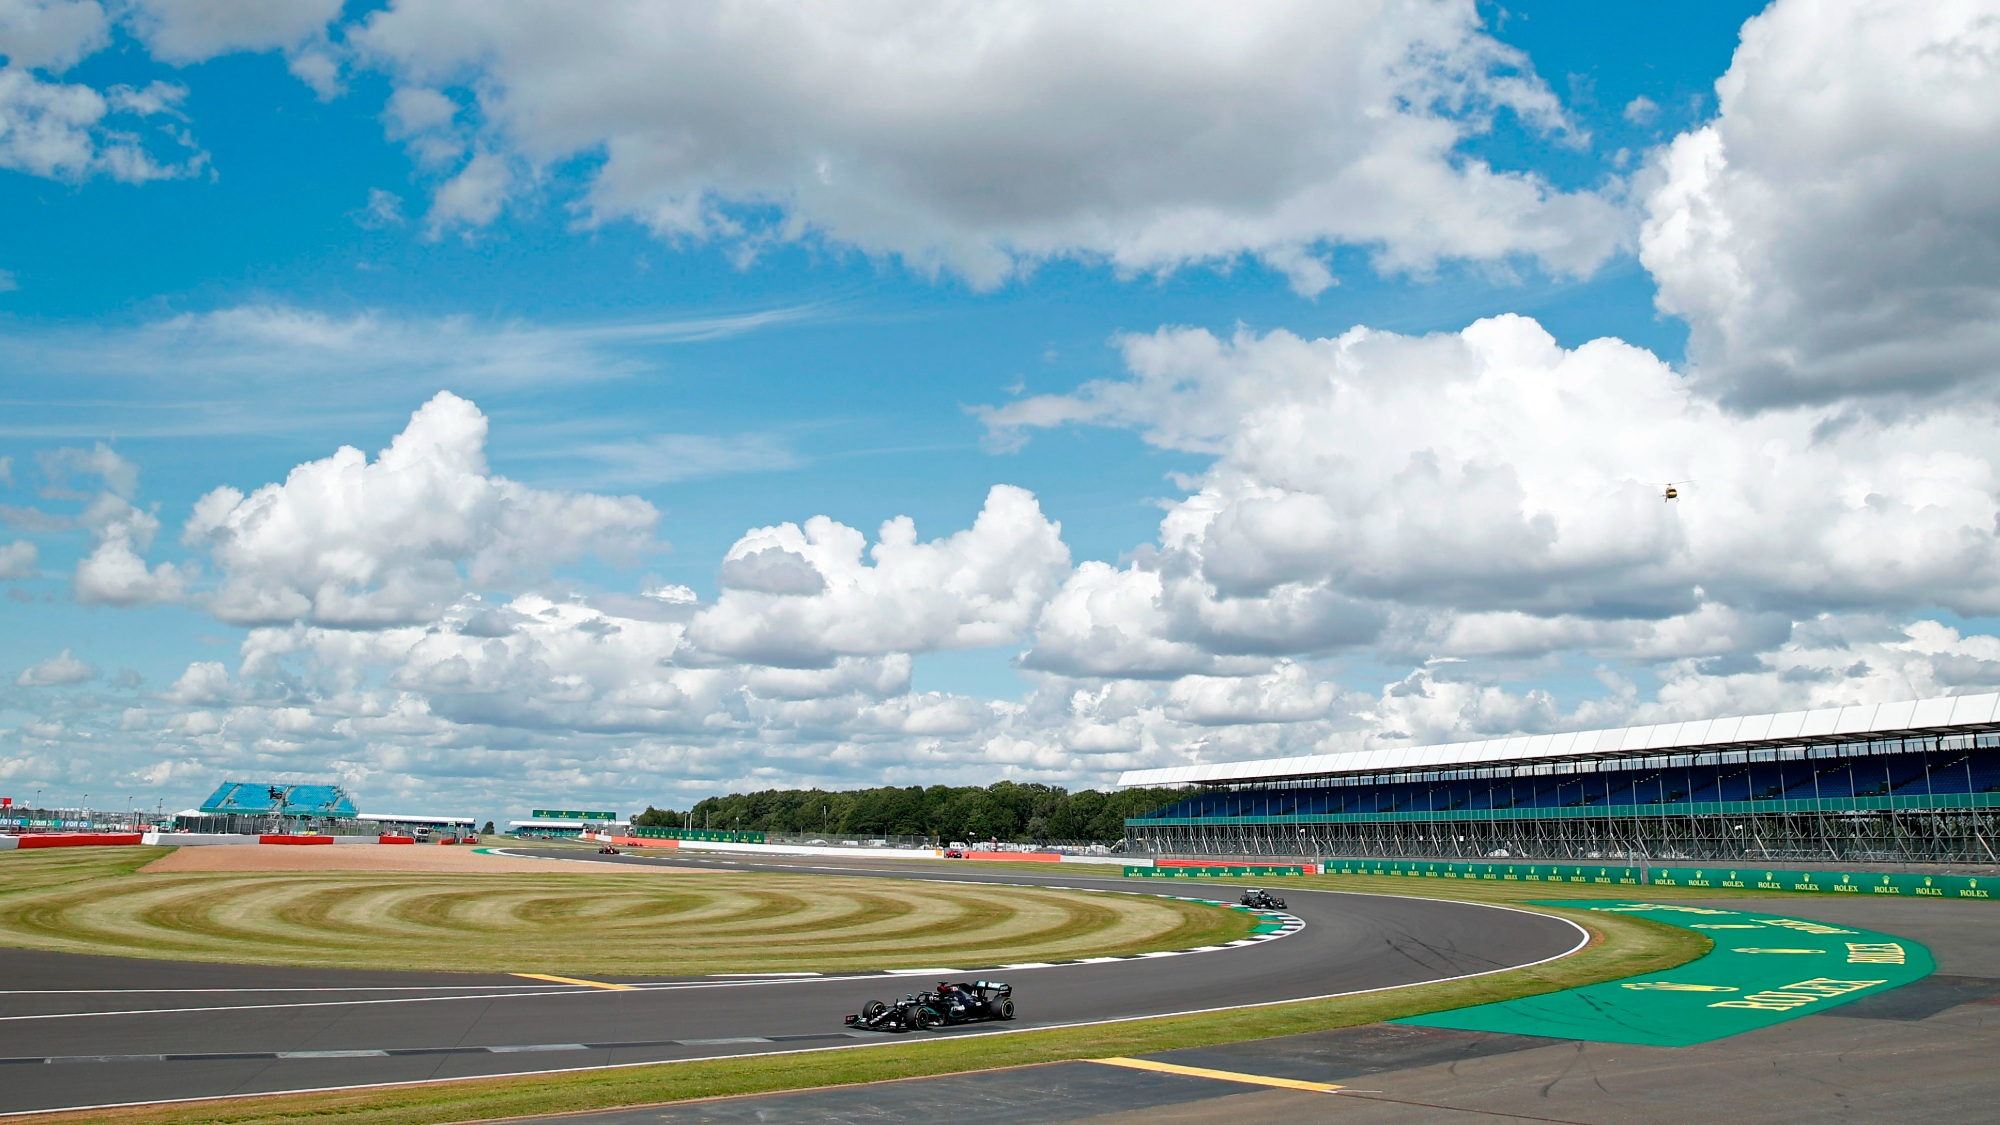 British Grand Prix 2020, Lewis Hamilton